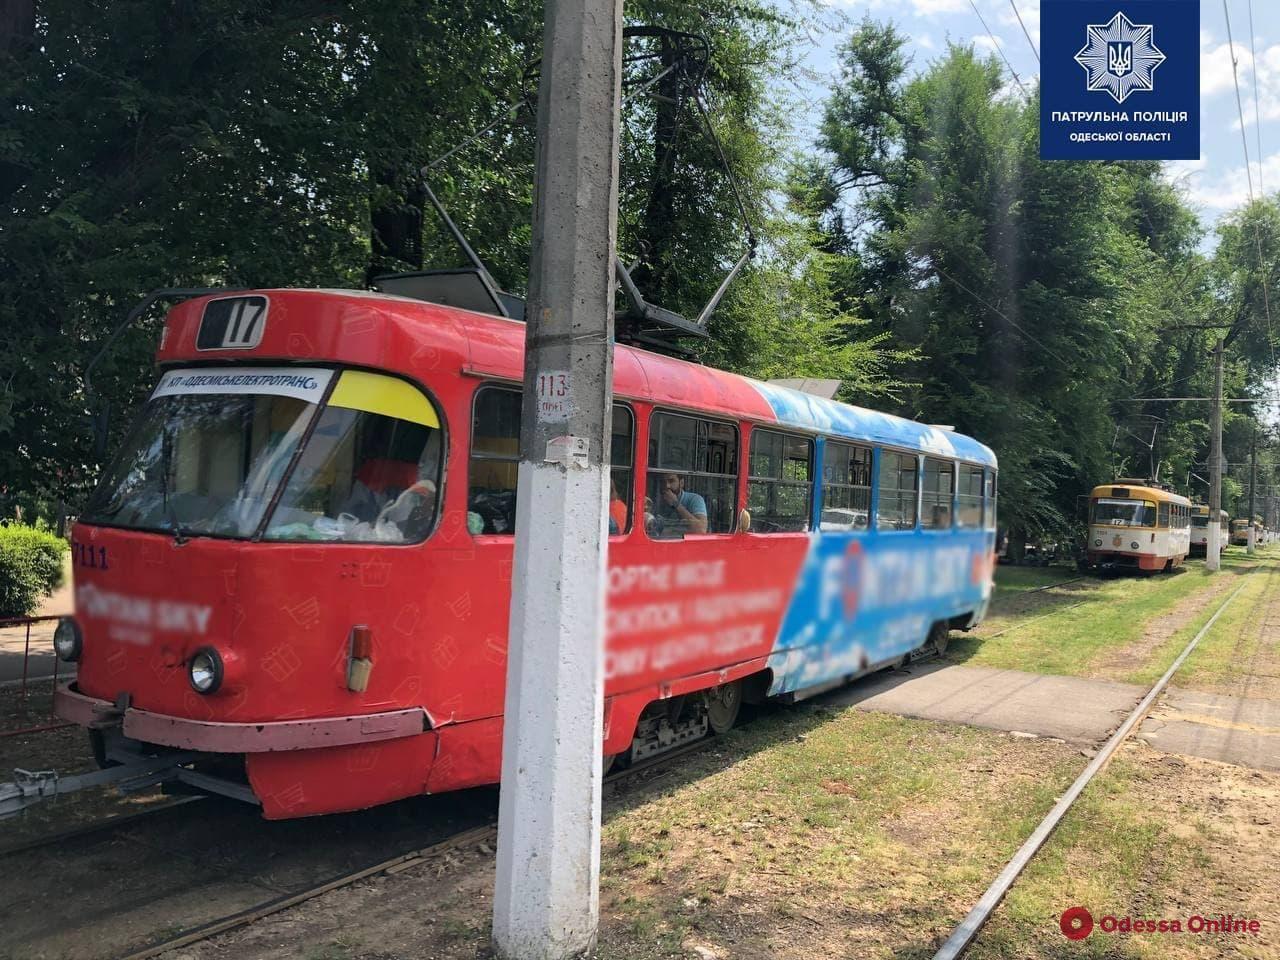 На Фонтане трамвай сбил 65-летнего пешехода